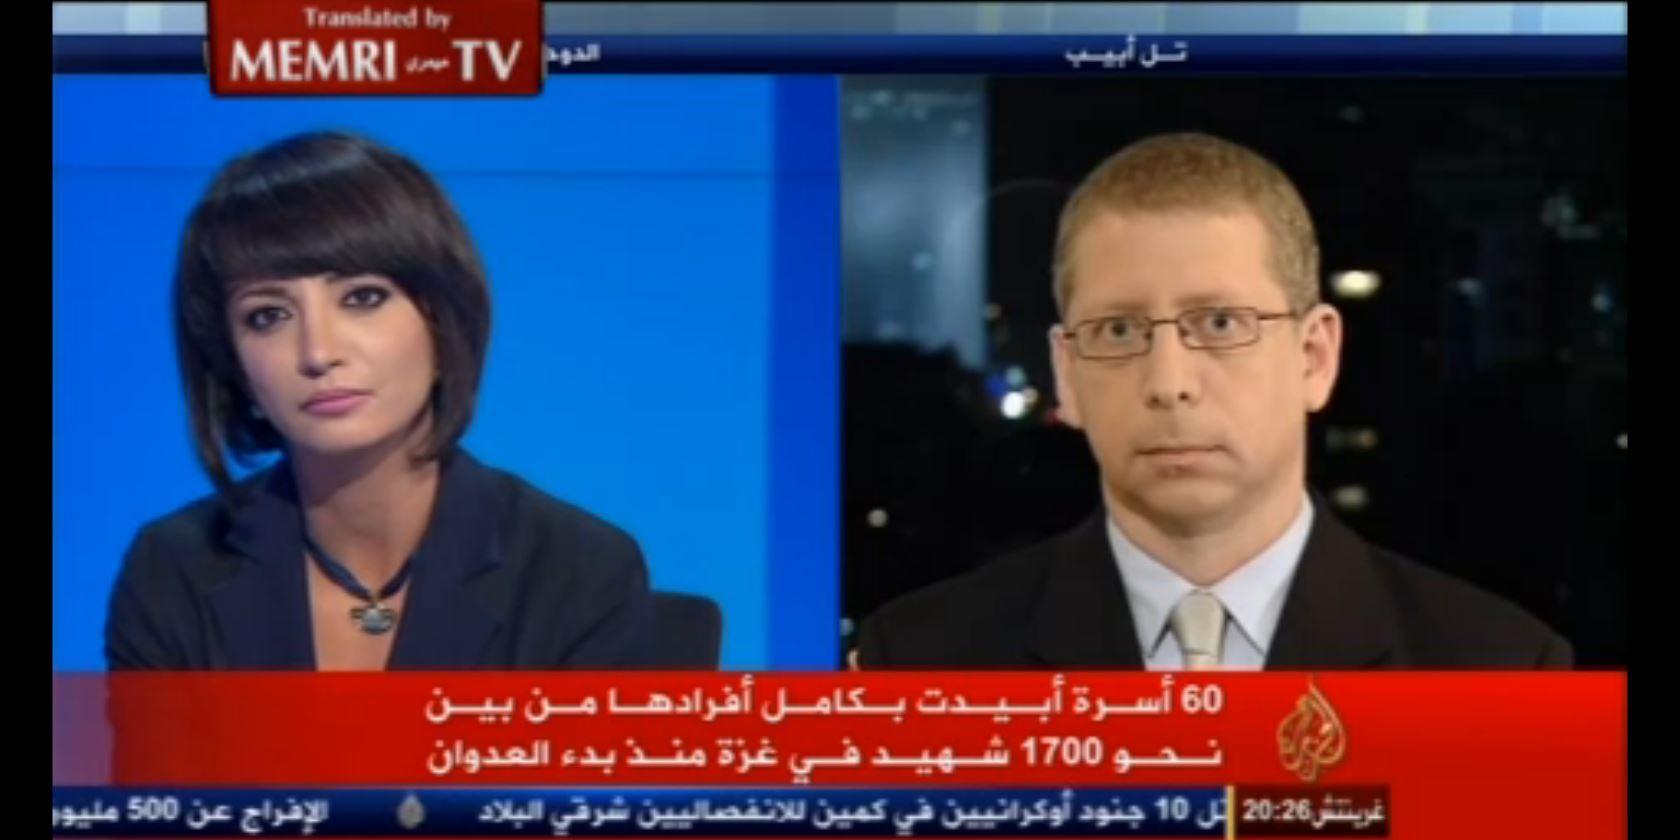 Heurt entre une journaliste d'Al-Jazeera et un porte-parole israélien sur la responsabilité des victimes civiles à Gaza